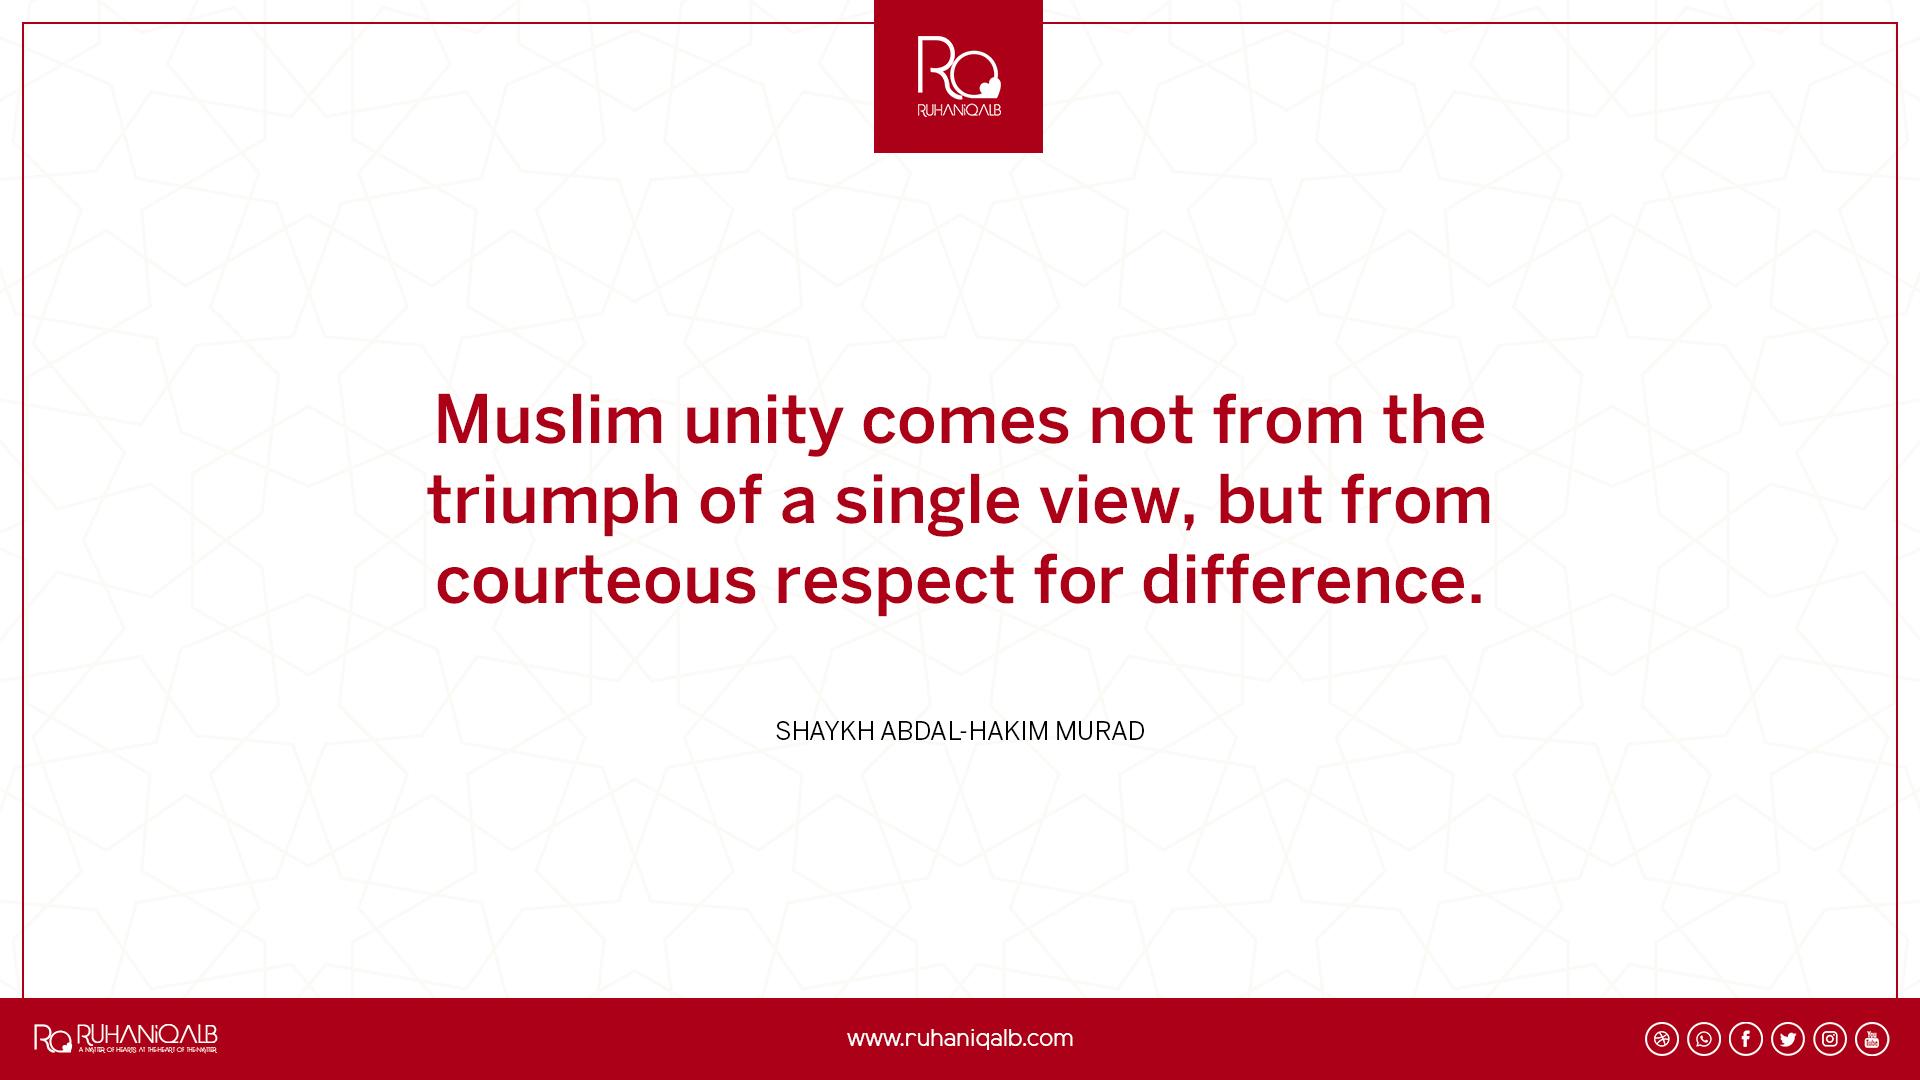 Muslim unity by Shaykh Abdal-Hakim Murad